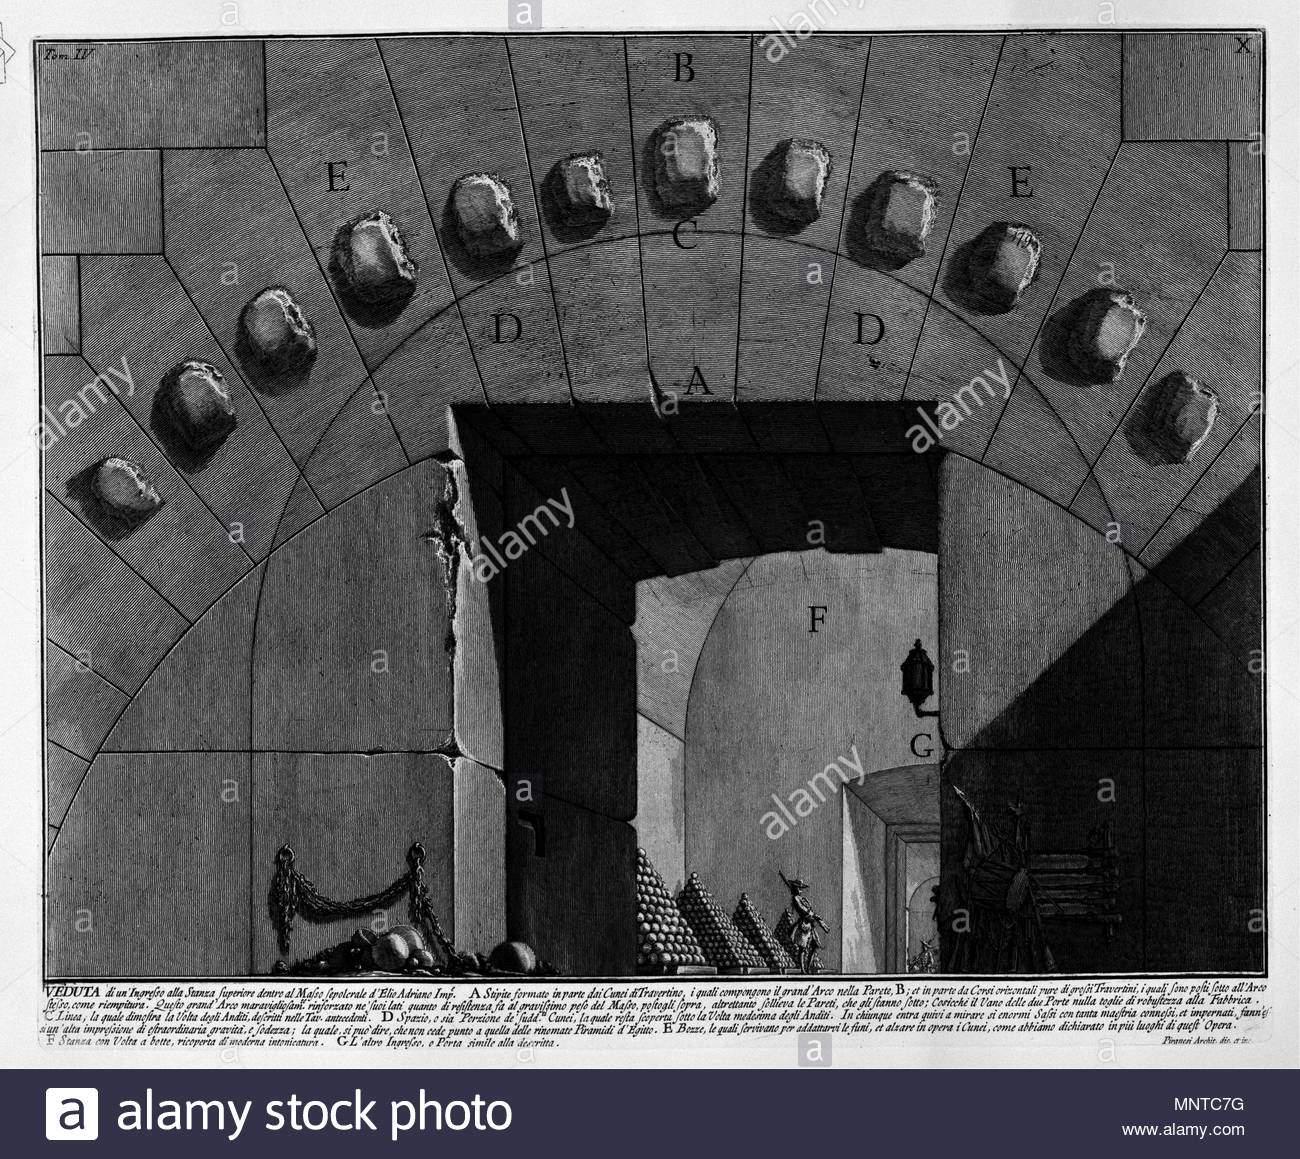 mausoleum des hadrian 1756 1002 piranesi 4012 mntc7g